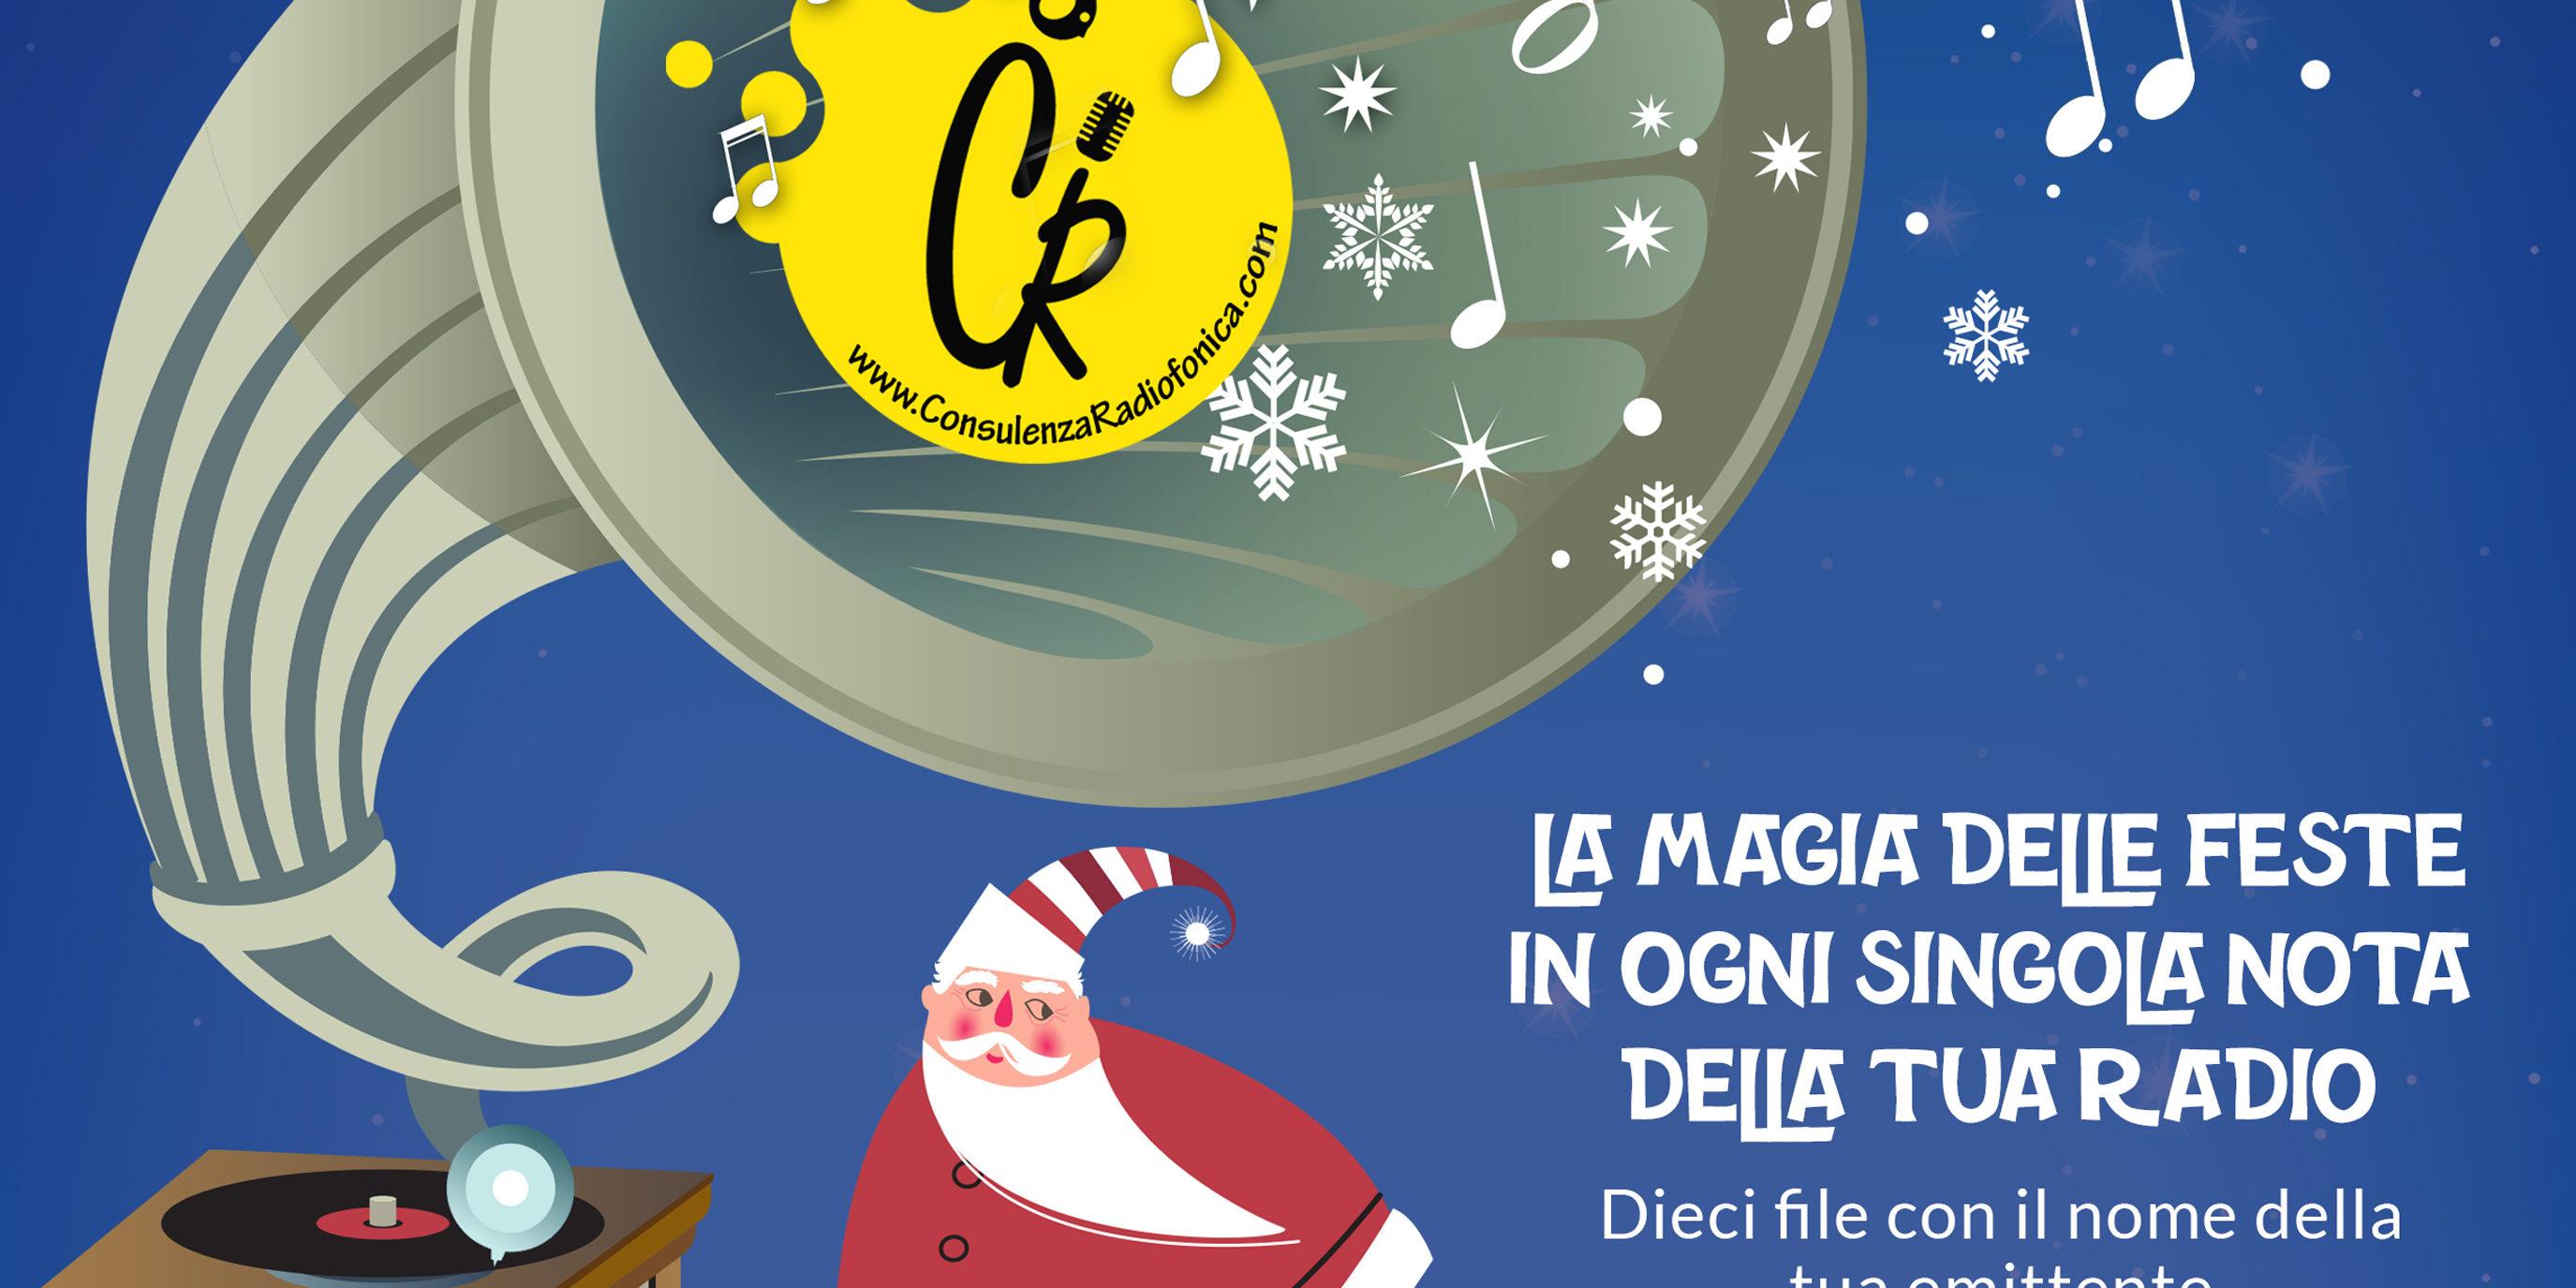 Auguri Di Natale 105.Radio Consulenza Radiofonica Jingle Per Gli Auguri Di Natale Sulla